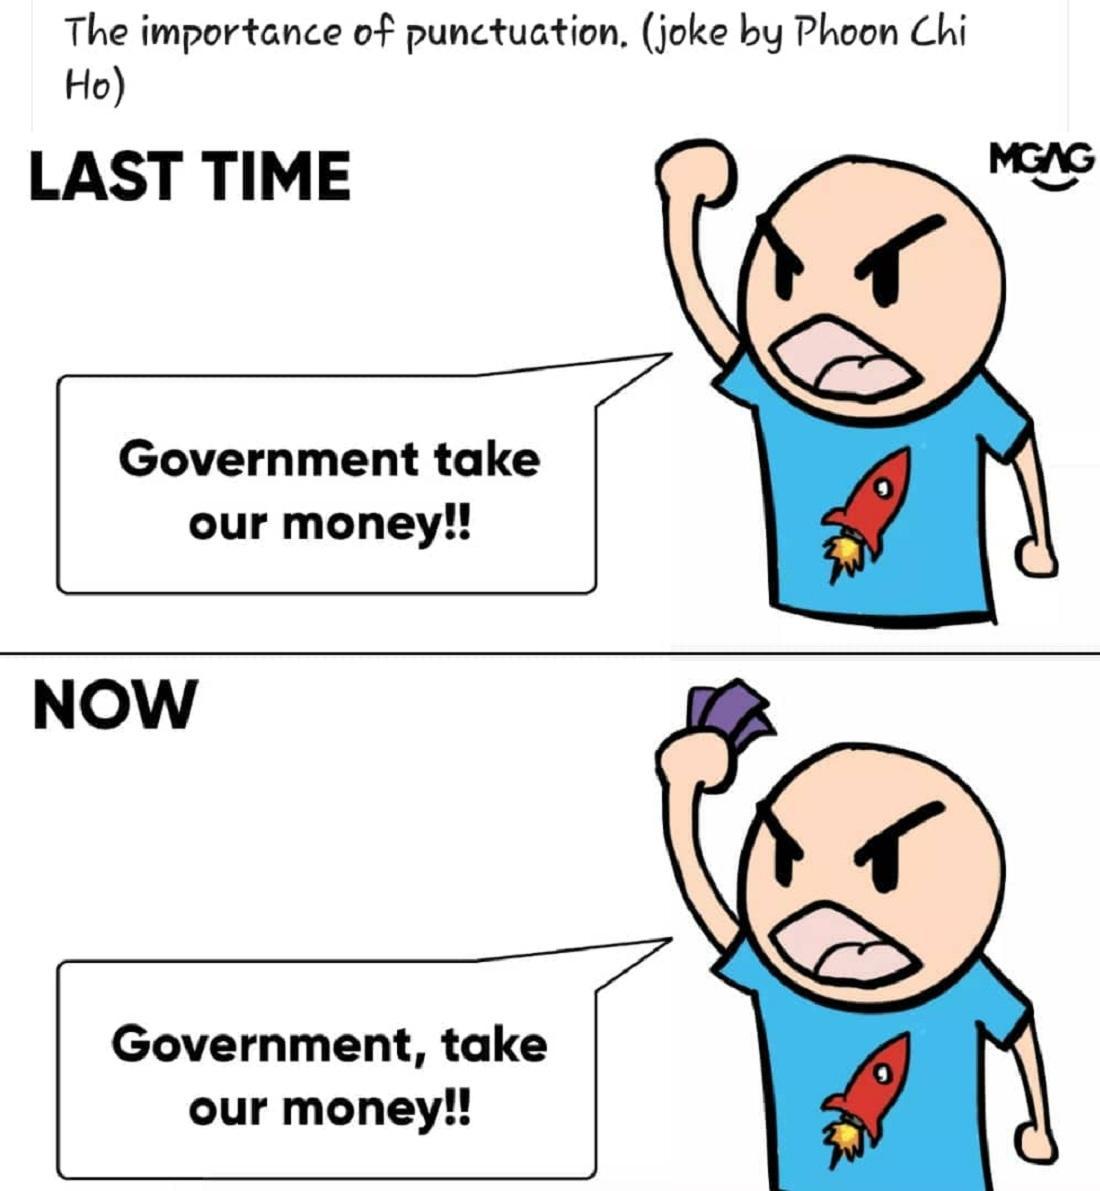 மலேசிய அரசு